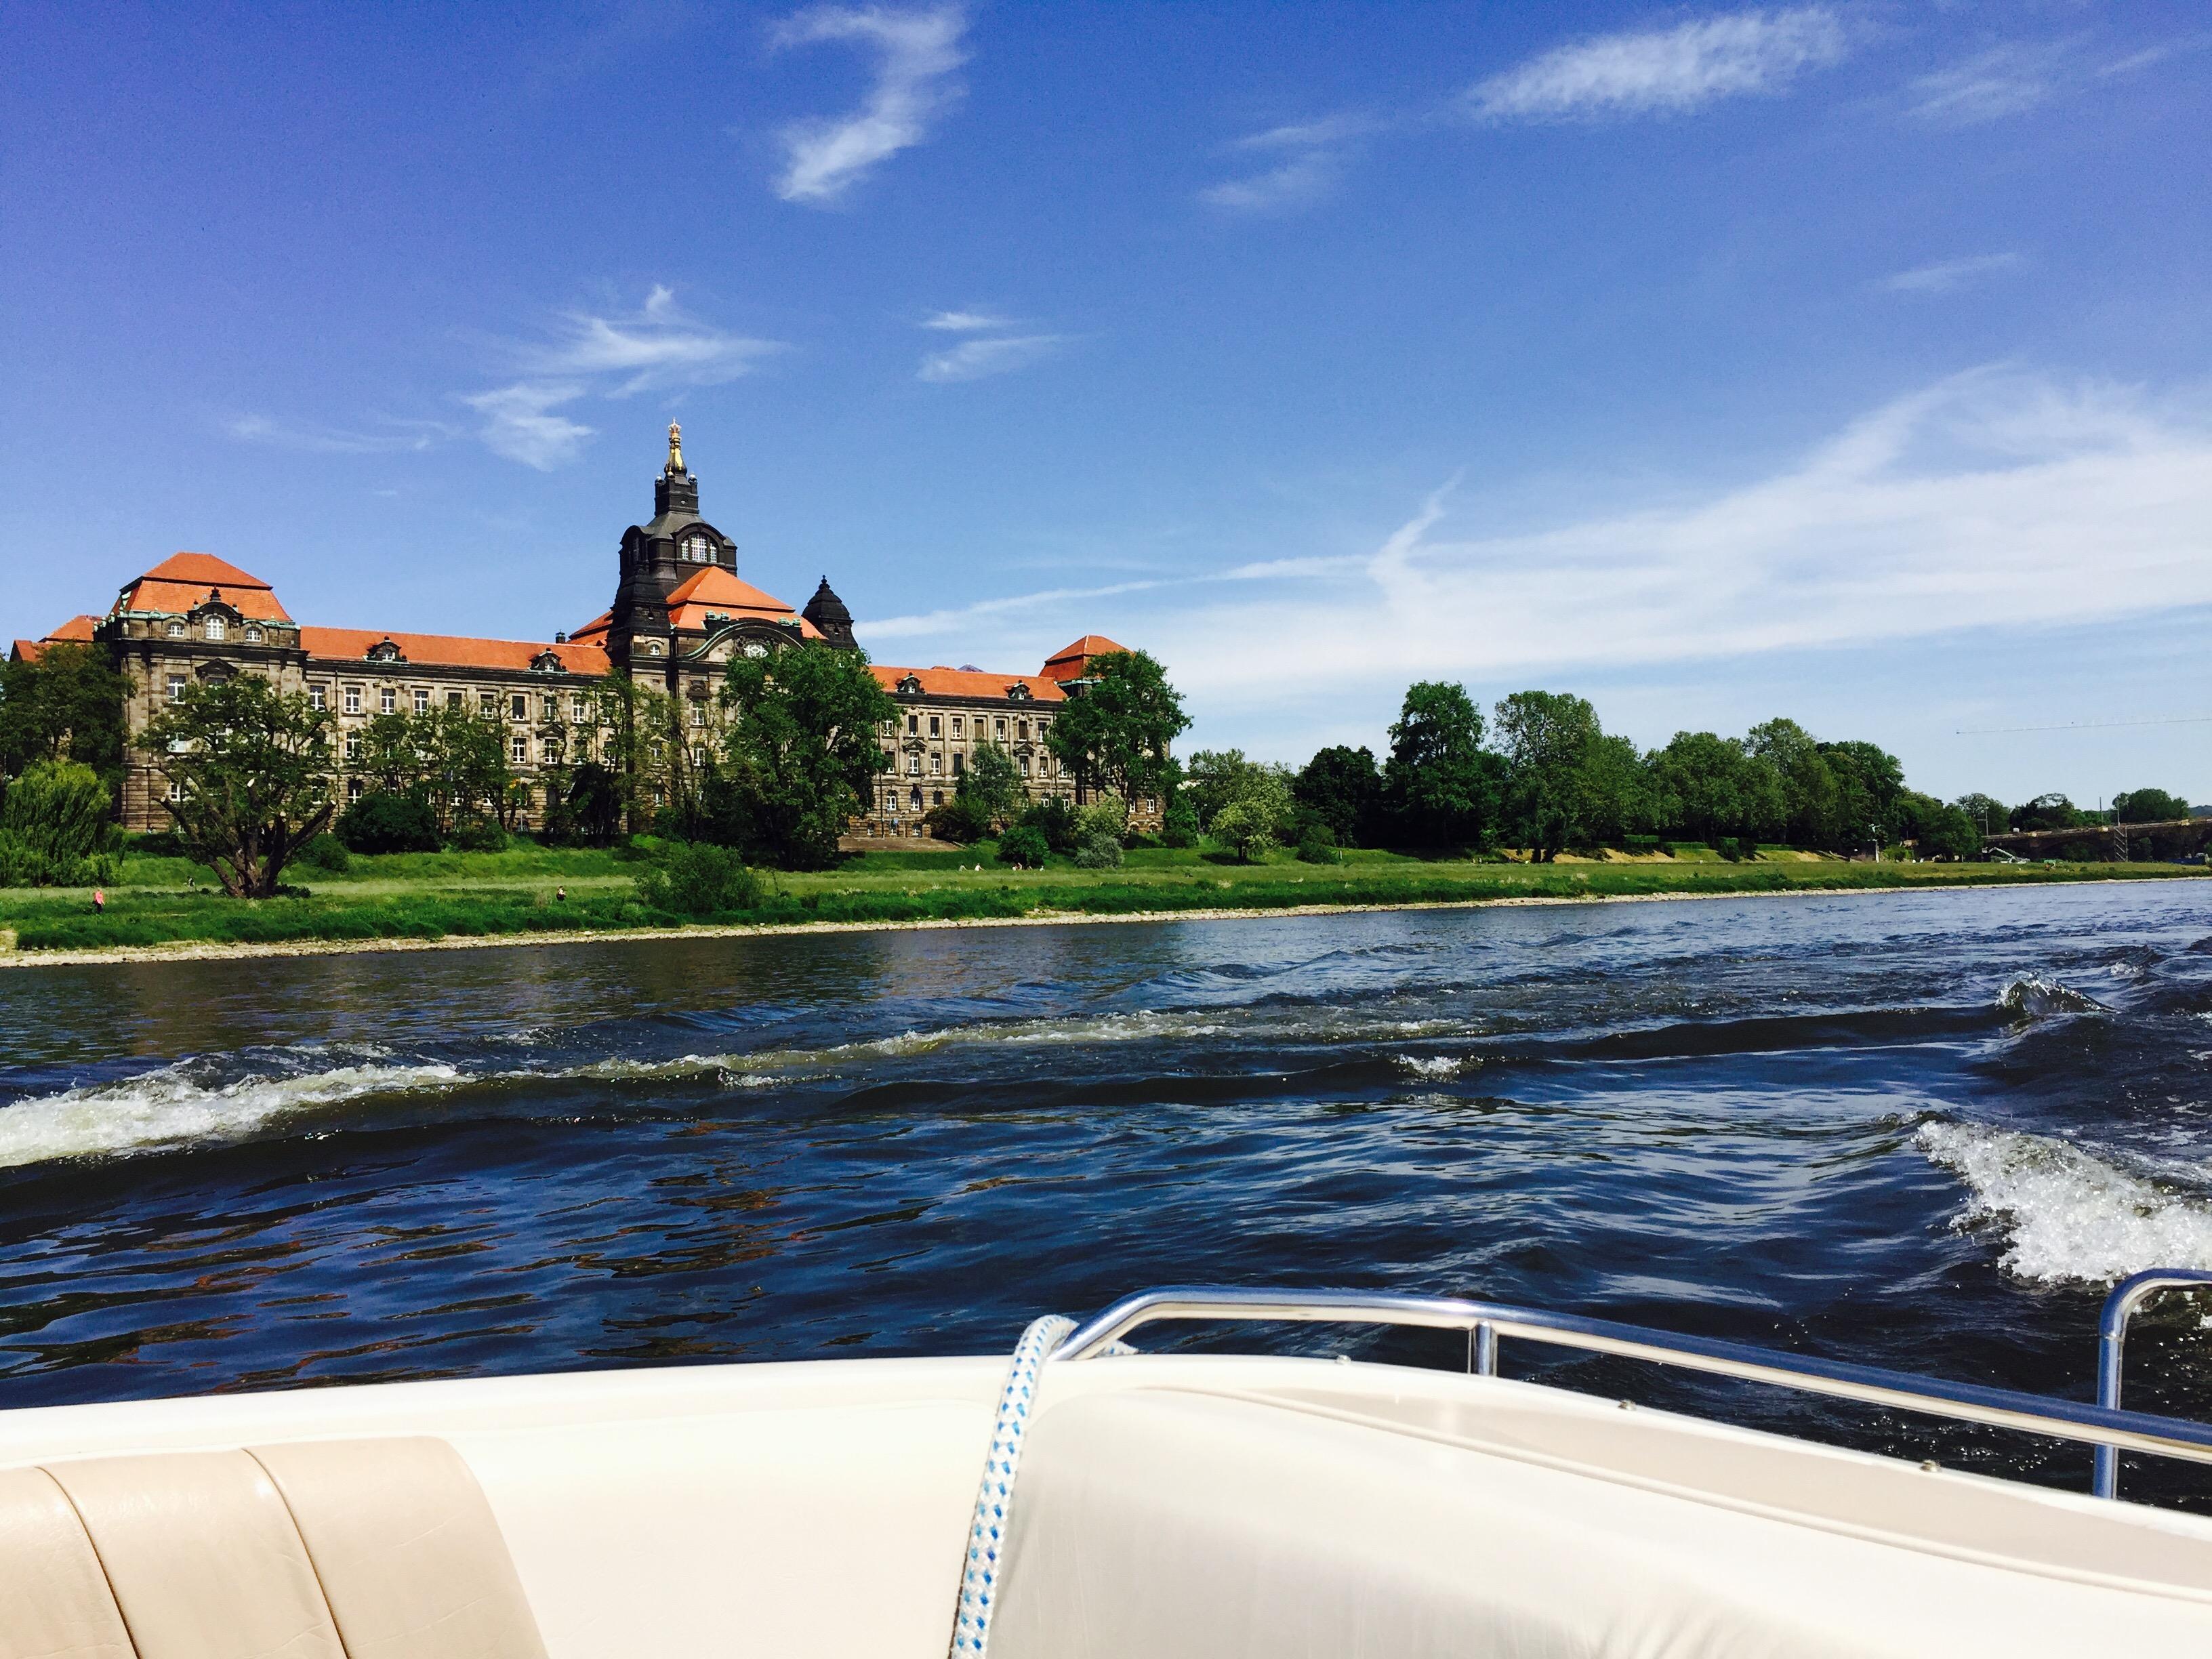 Eine der entspanntesten Outdoor-Aktivitäten diesen Sommer: Mit dem Elbetaxi durch Dresden schippern